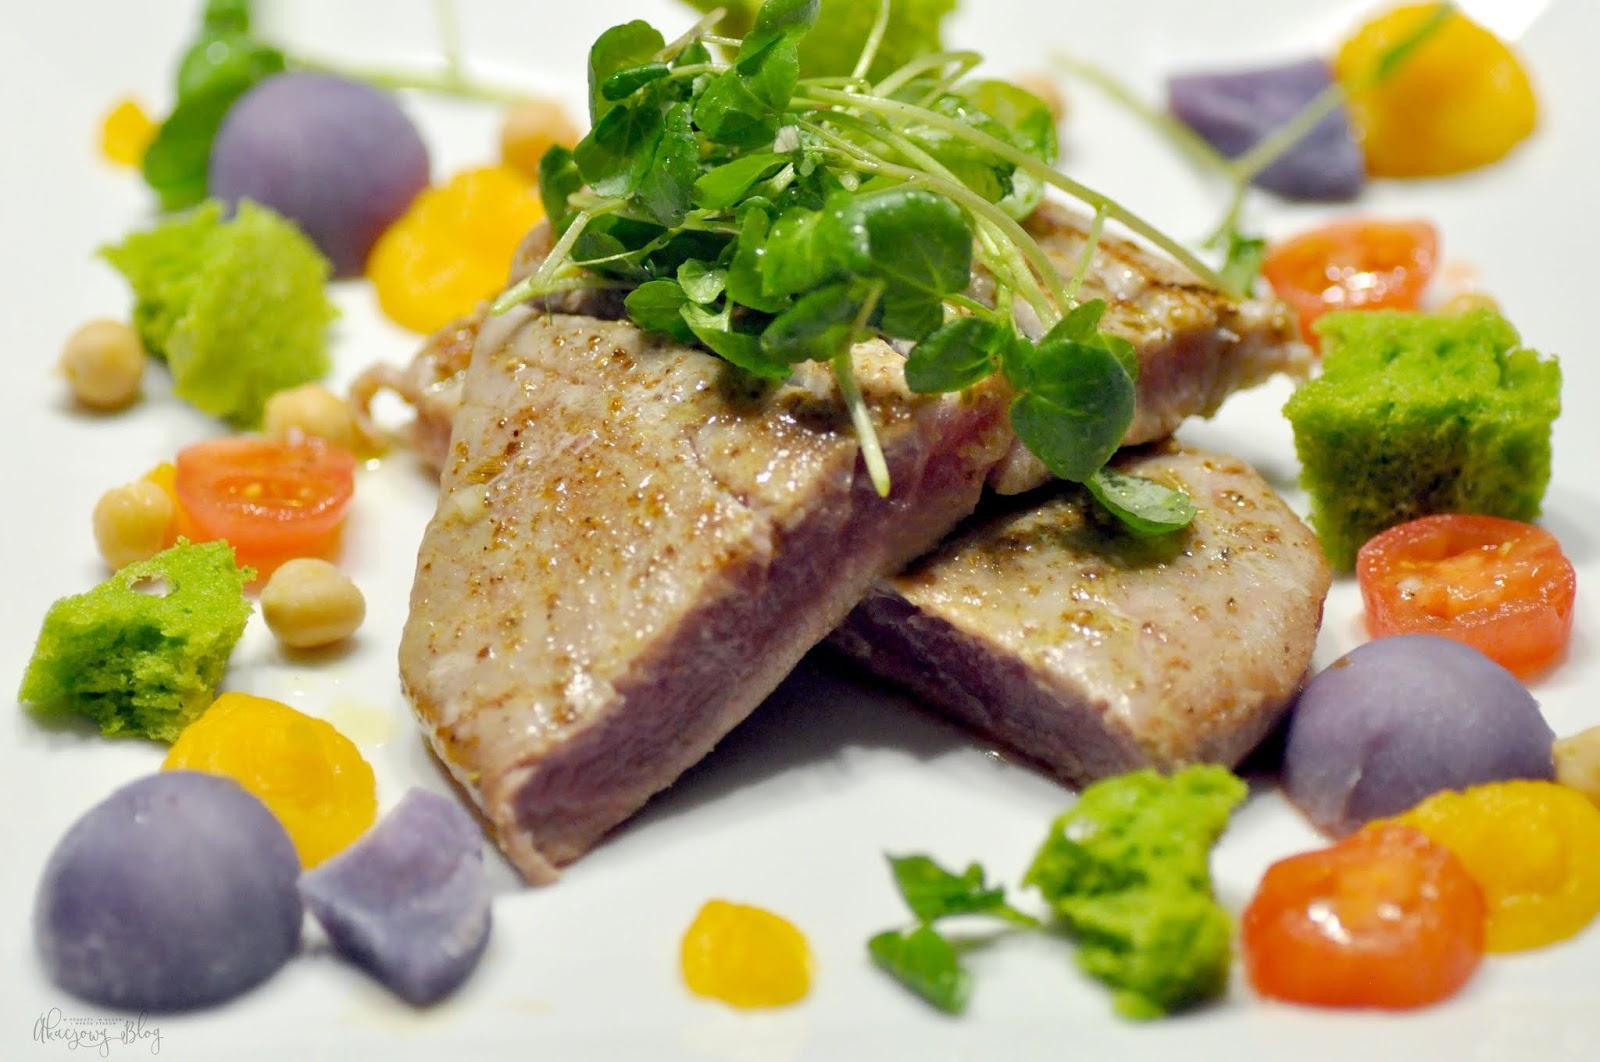 Stek z tuńczyka z biszkoptem z pietruszki, sałatką z rukwi wodnej i kolorowymi warzywami.